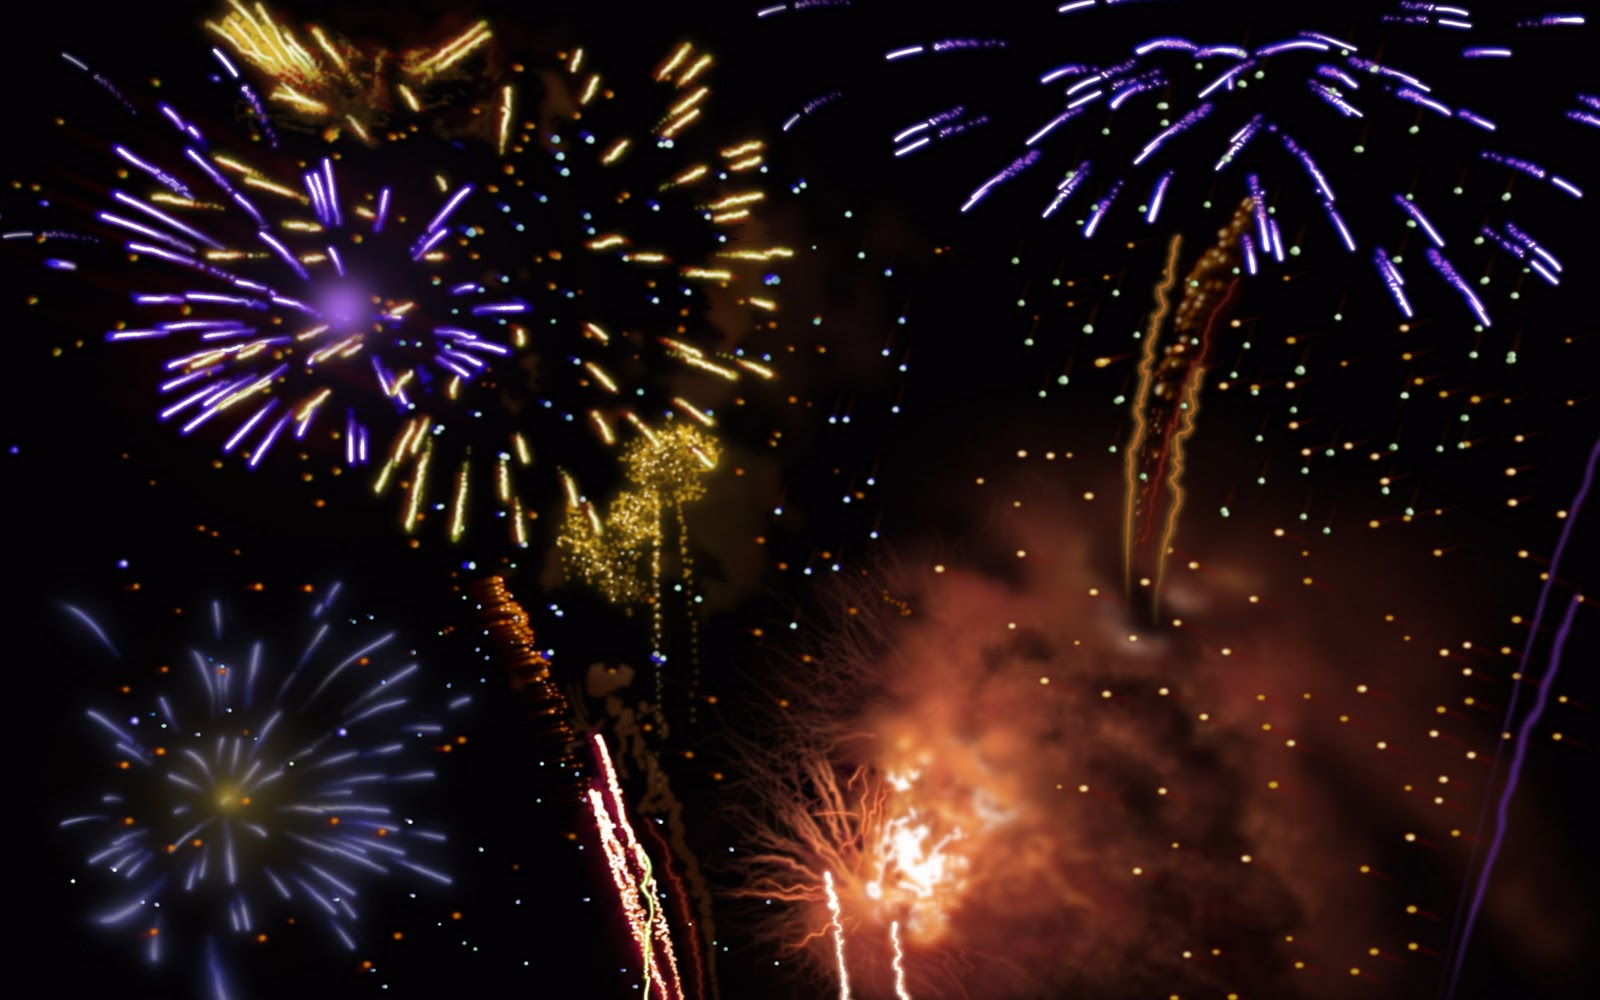 http://4.bp.blogspot.com/_HtZu8OkbAng/TRvMhPzUwDI/AAAAAAAAAUI/Hh4wNLvuHgk/s1600/Fireworks-Wallpaper-+_3_.jpg